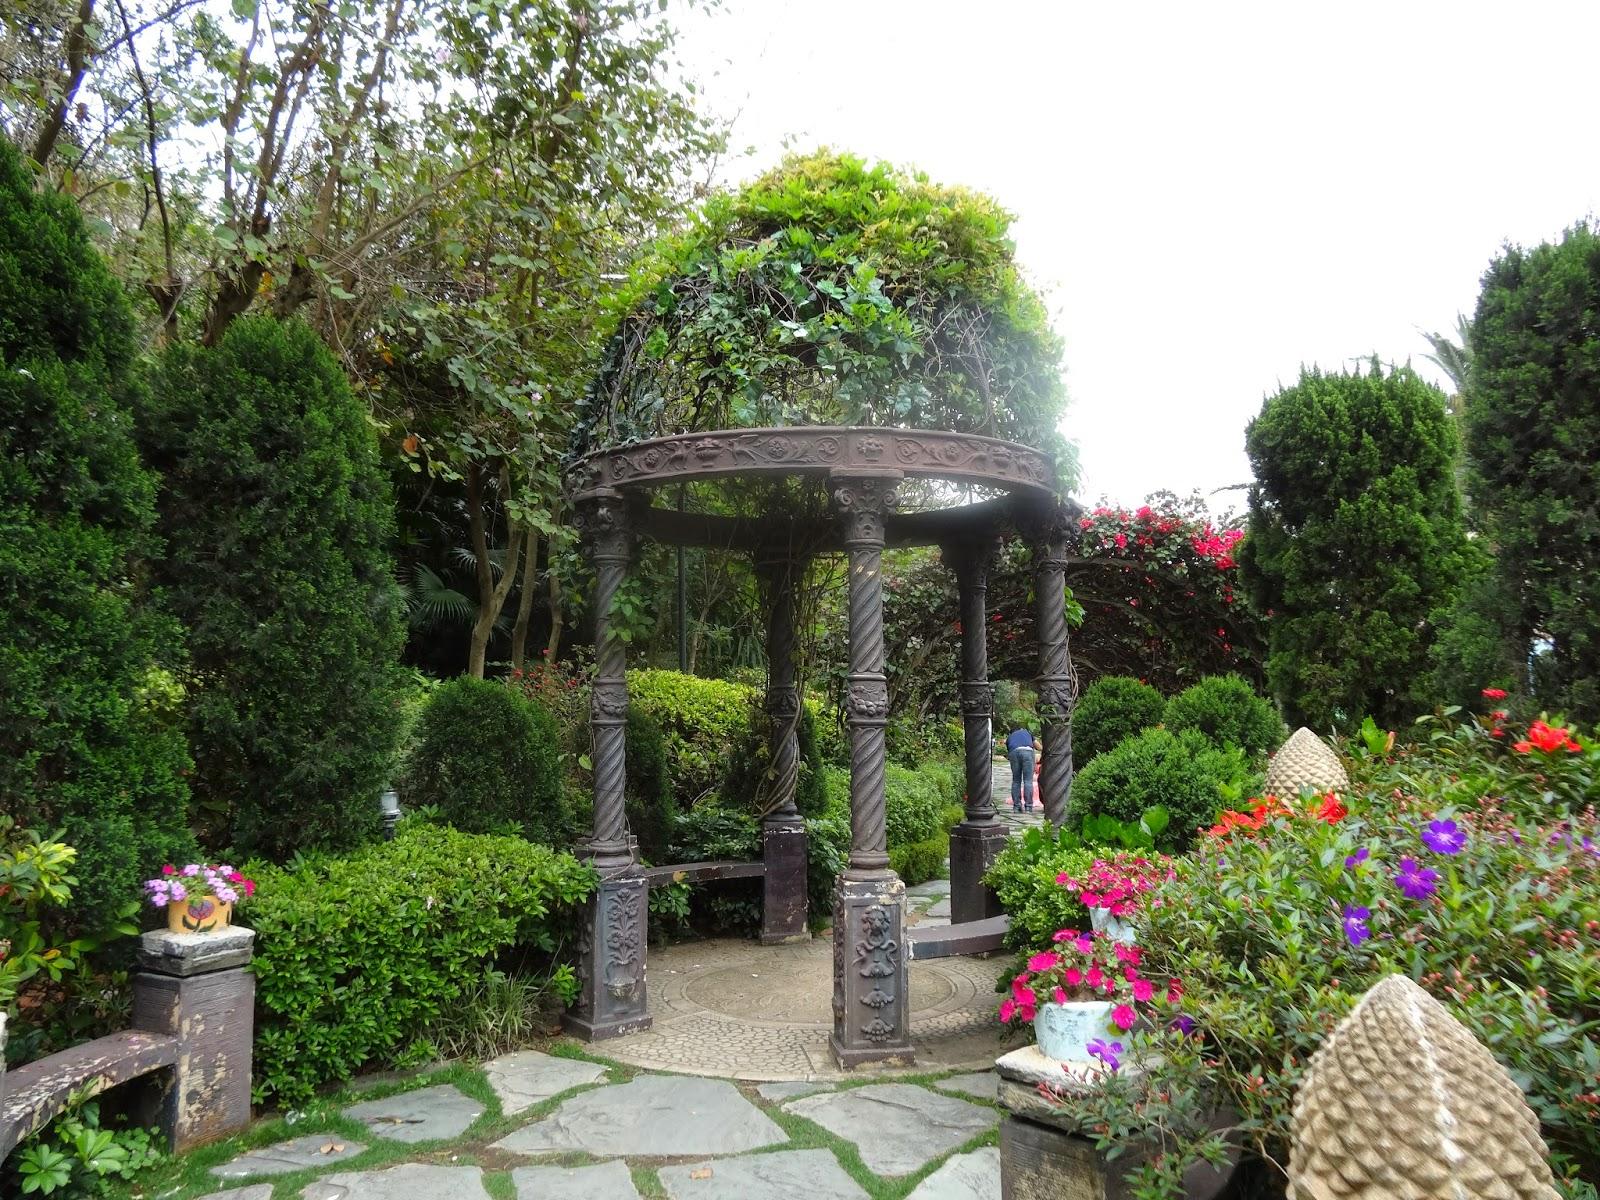 馬灣公園亦有金屬涼亭,但設計上則是裝飾的folly(具浪漫風格的涼亭),半圓拱形通花頂,加上大量藤蔓植物,漂亮但欠實際功能。